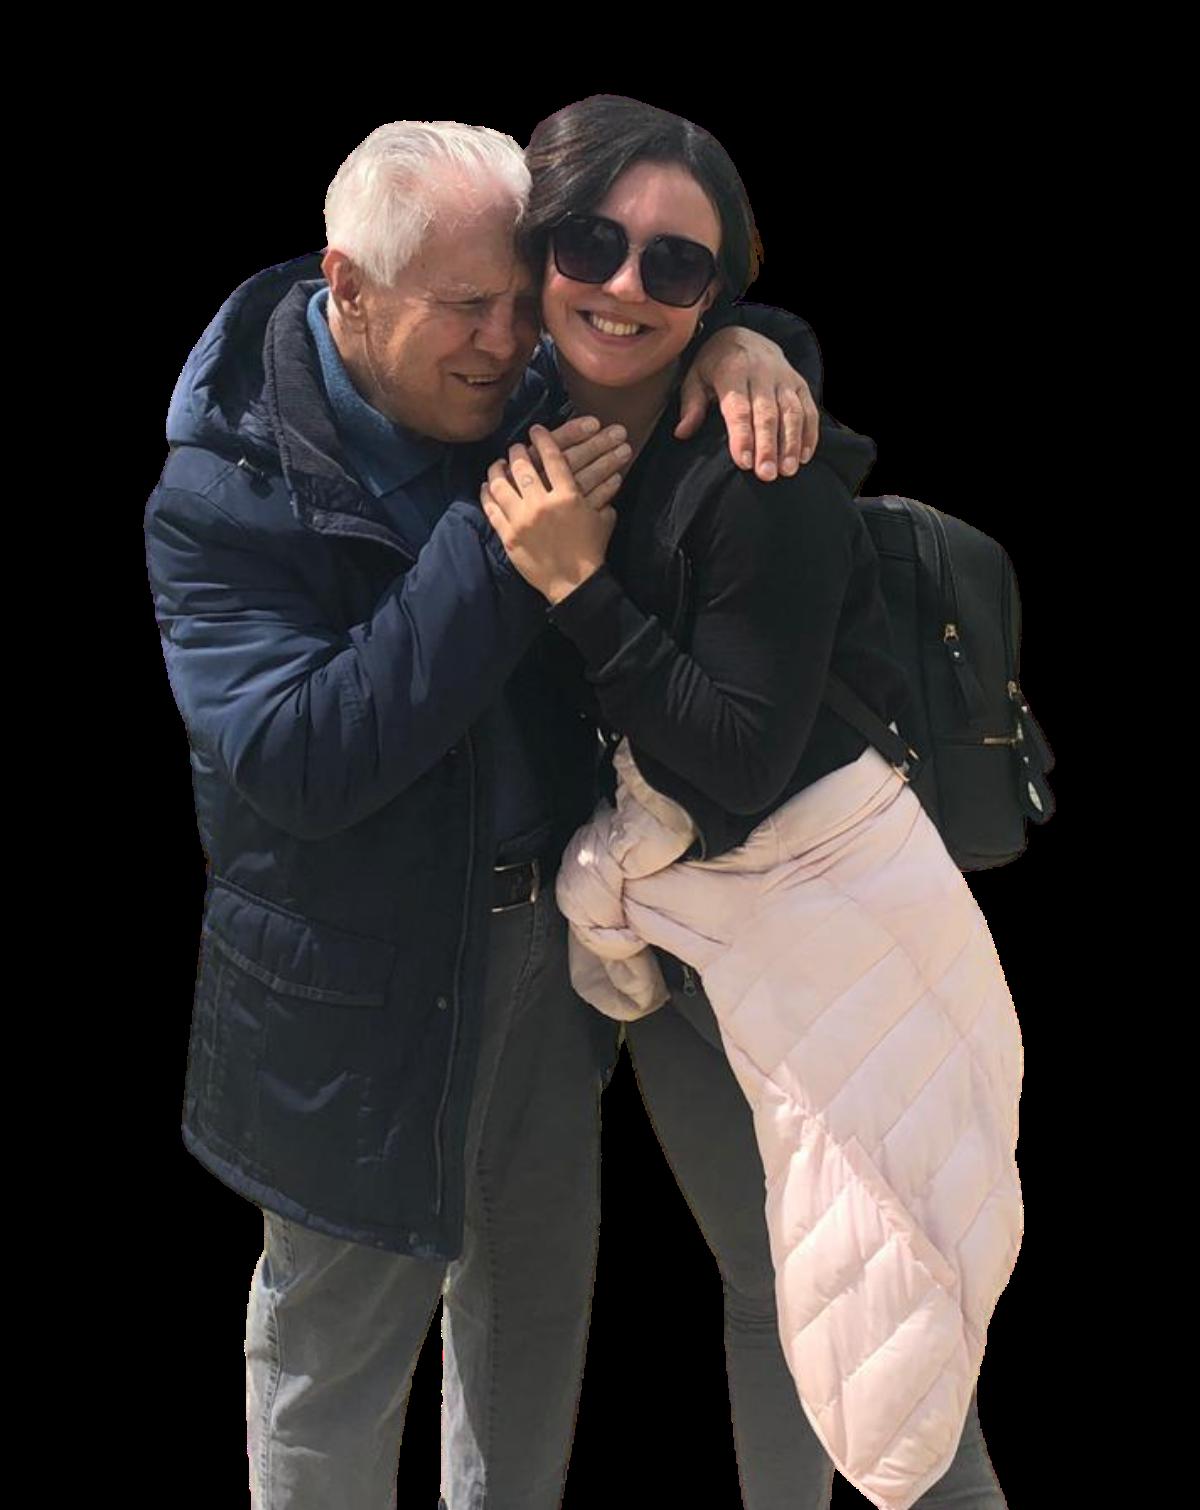 Tanya abbraccia un utente e intanto sorride. Immagine senza sfondo.